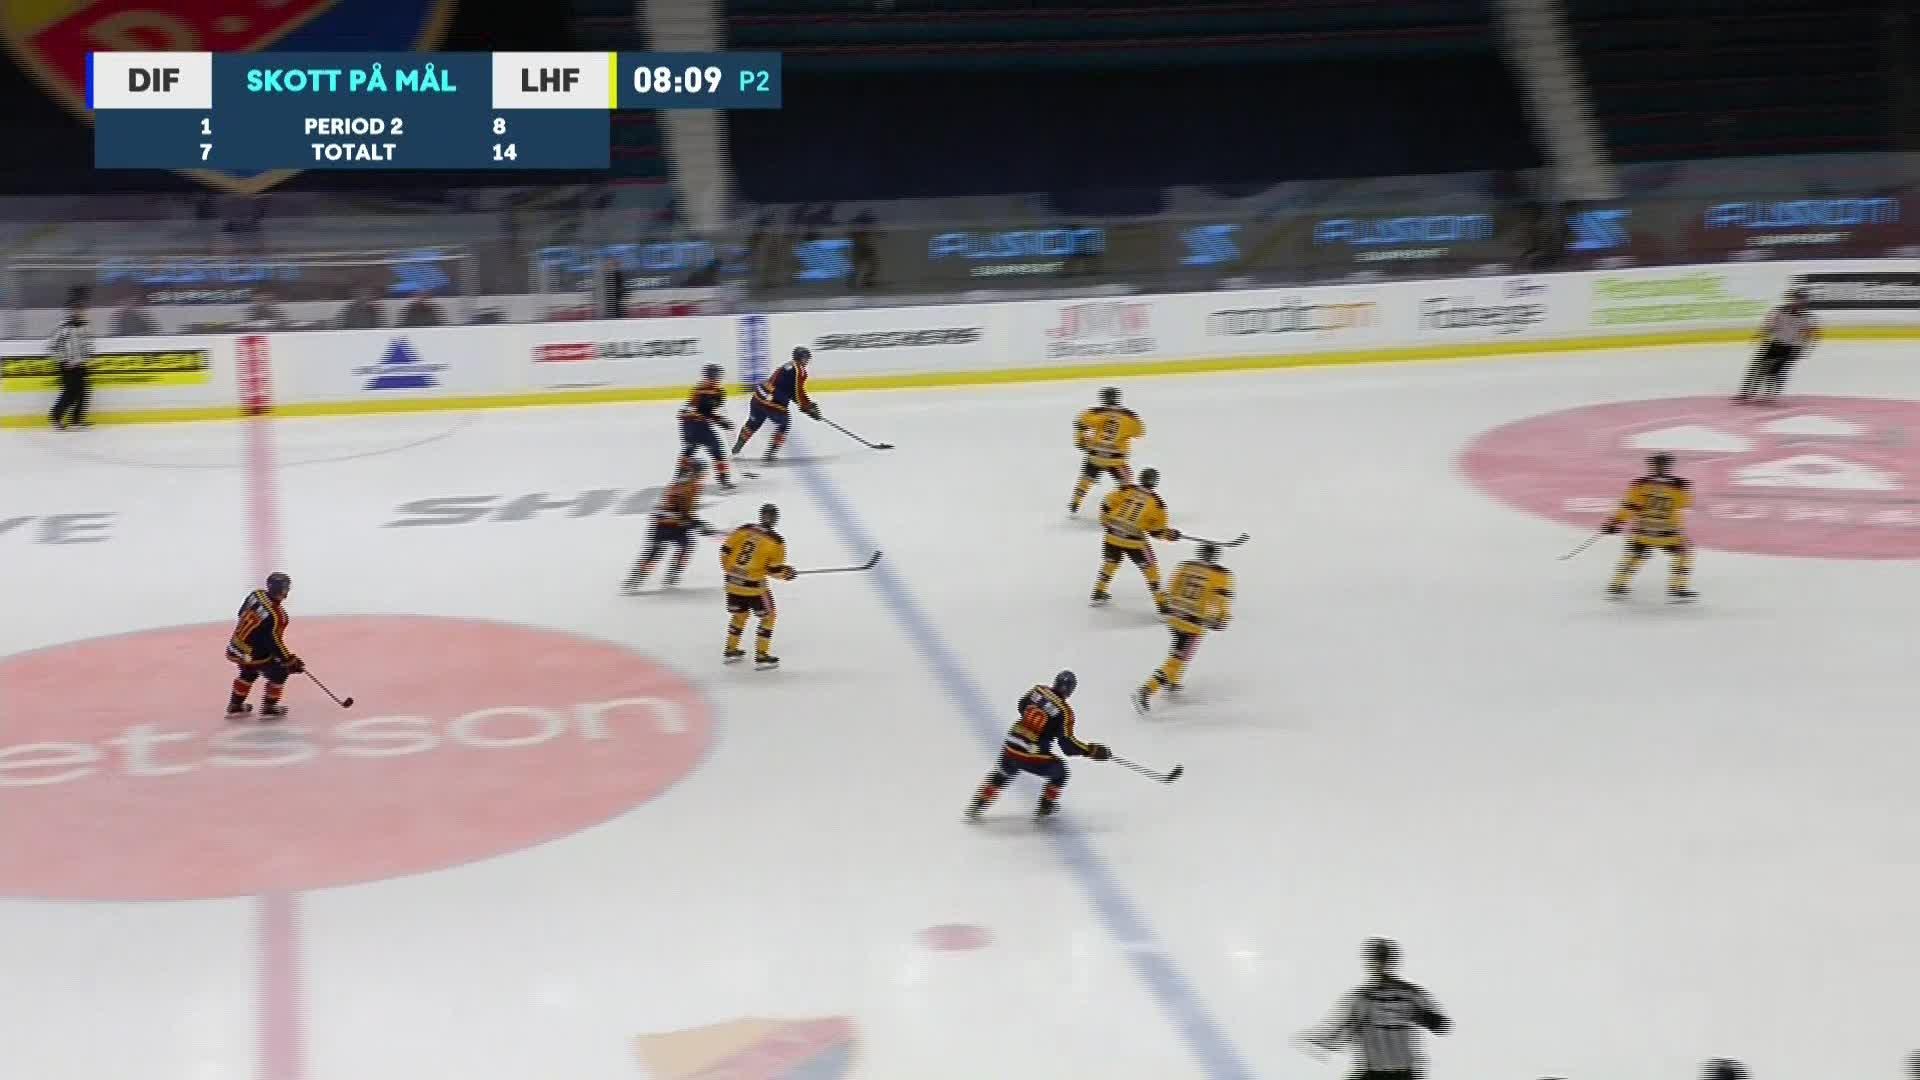 Djurgården Hockey - Luleå Hockey 2-2